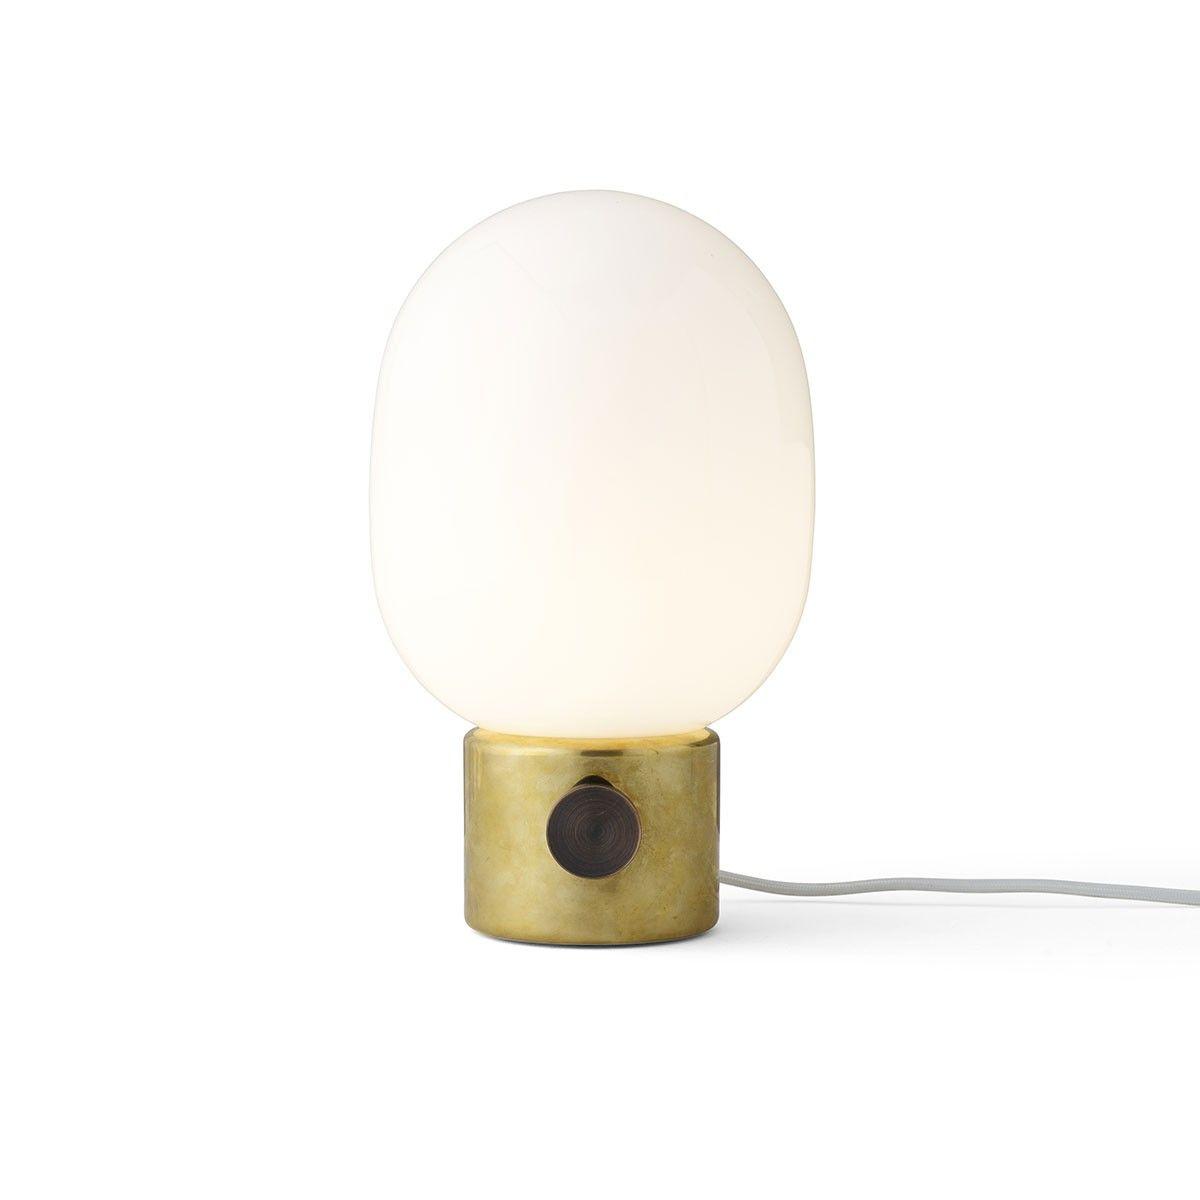 Lampe à poser Metallic JWDA - Laiton - Menu - Après ses premiers modèles en béton, le designer suédois Jonas Wagell renouvelle sa lampe à poser JWDA avec une version métallique en laiton. Derrière son look futuriste, ce luminaire d'exception mise sur des formes organiques où le verre surdimensionné de l'ampoule complète avec expressivité toute la noblesse de son socle.